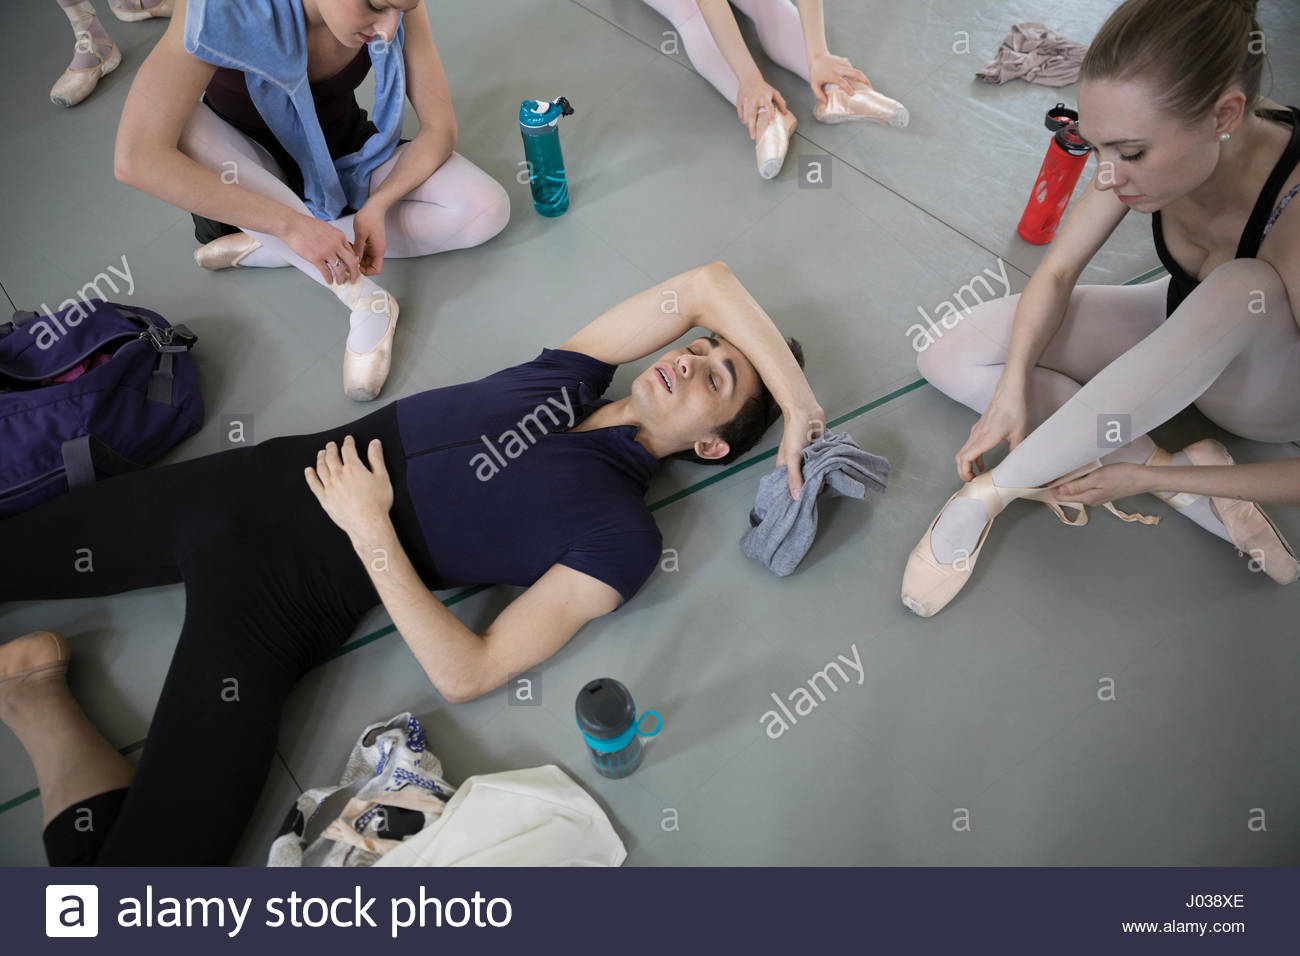 Tired male ballet dancer resting on floor in dance studio Stock Photo